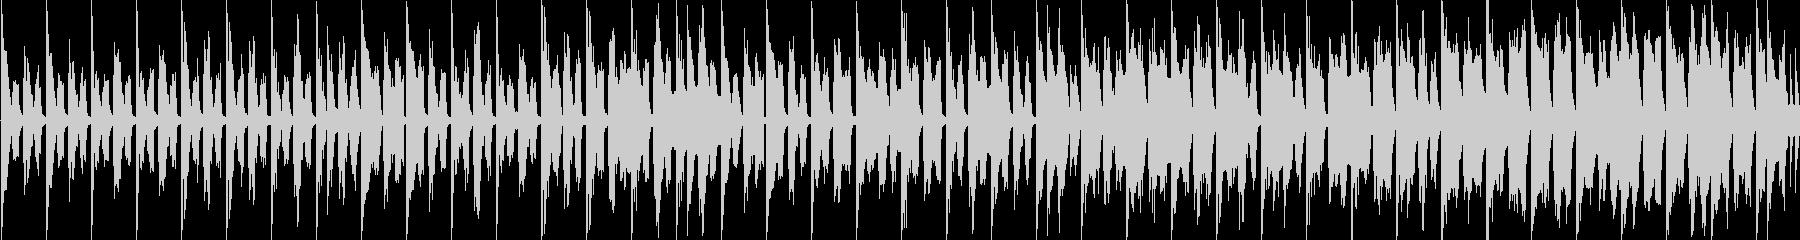 【ループ】リコーダーとトランペットの楽しの未再生の波形